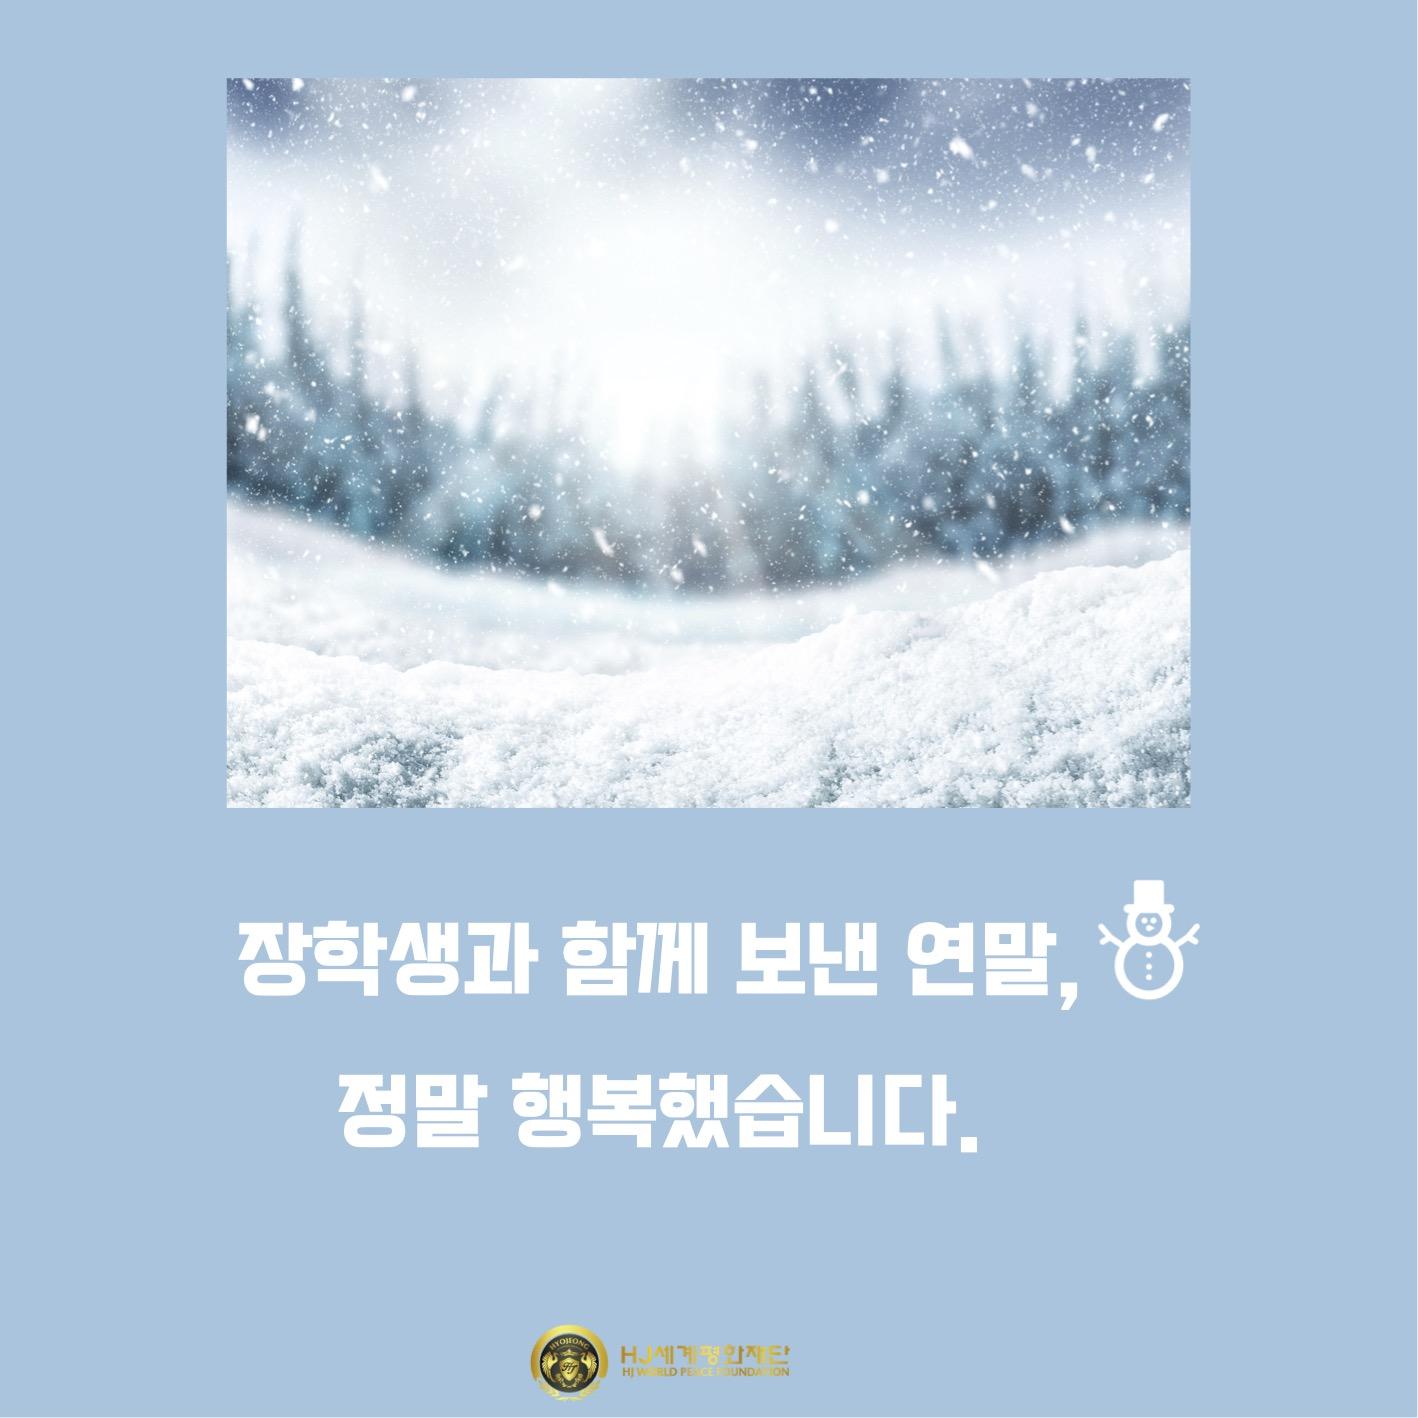 KakaoTalk_20210103_163610118_01.jpg